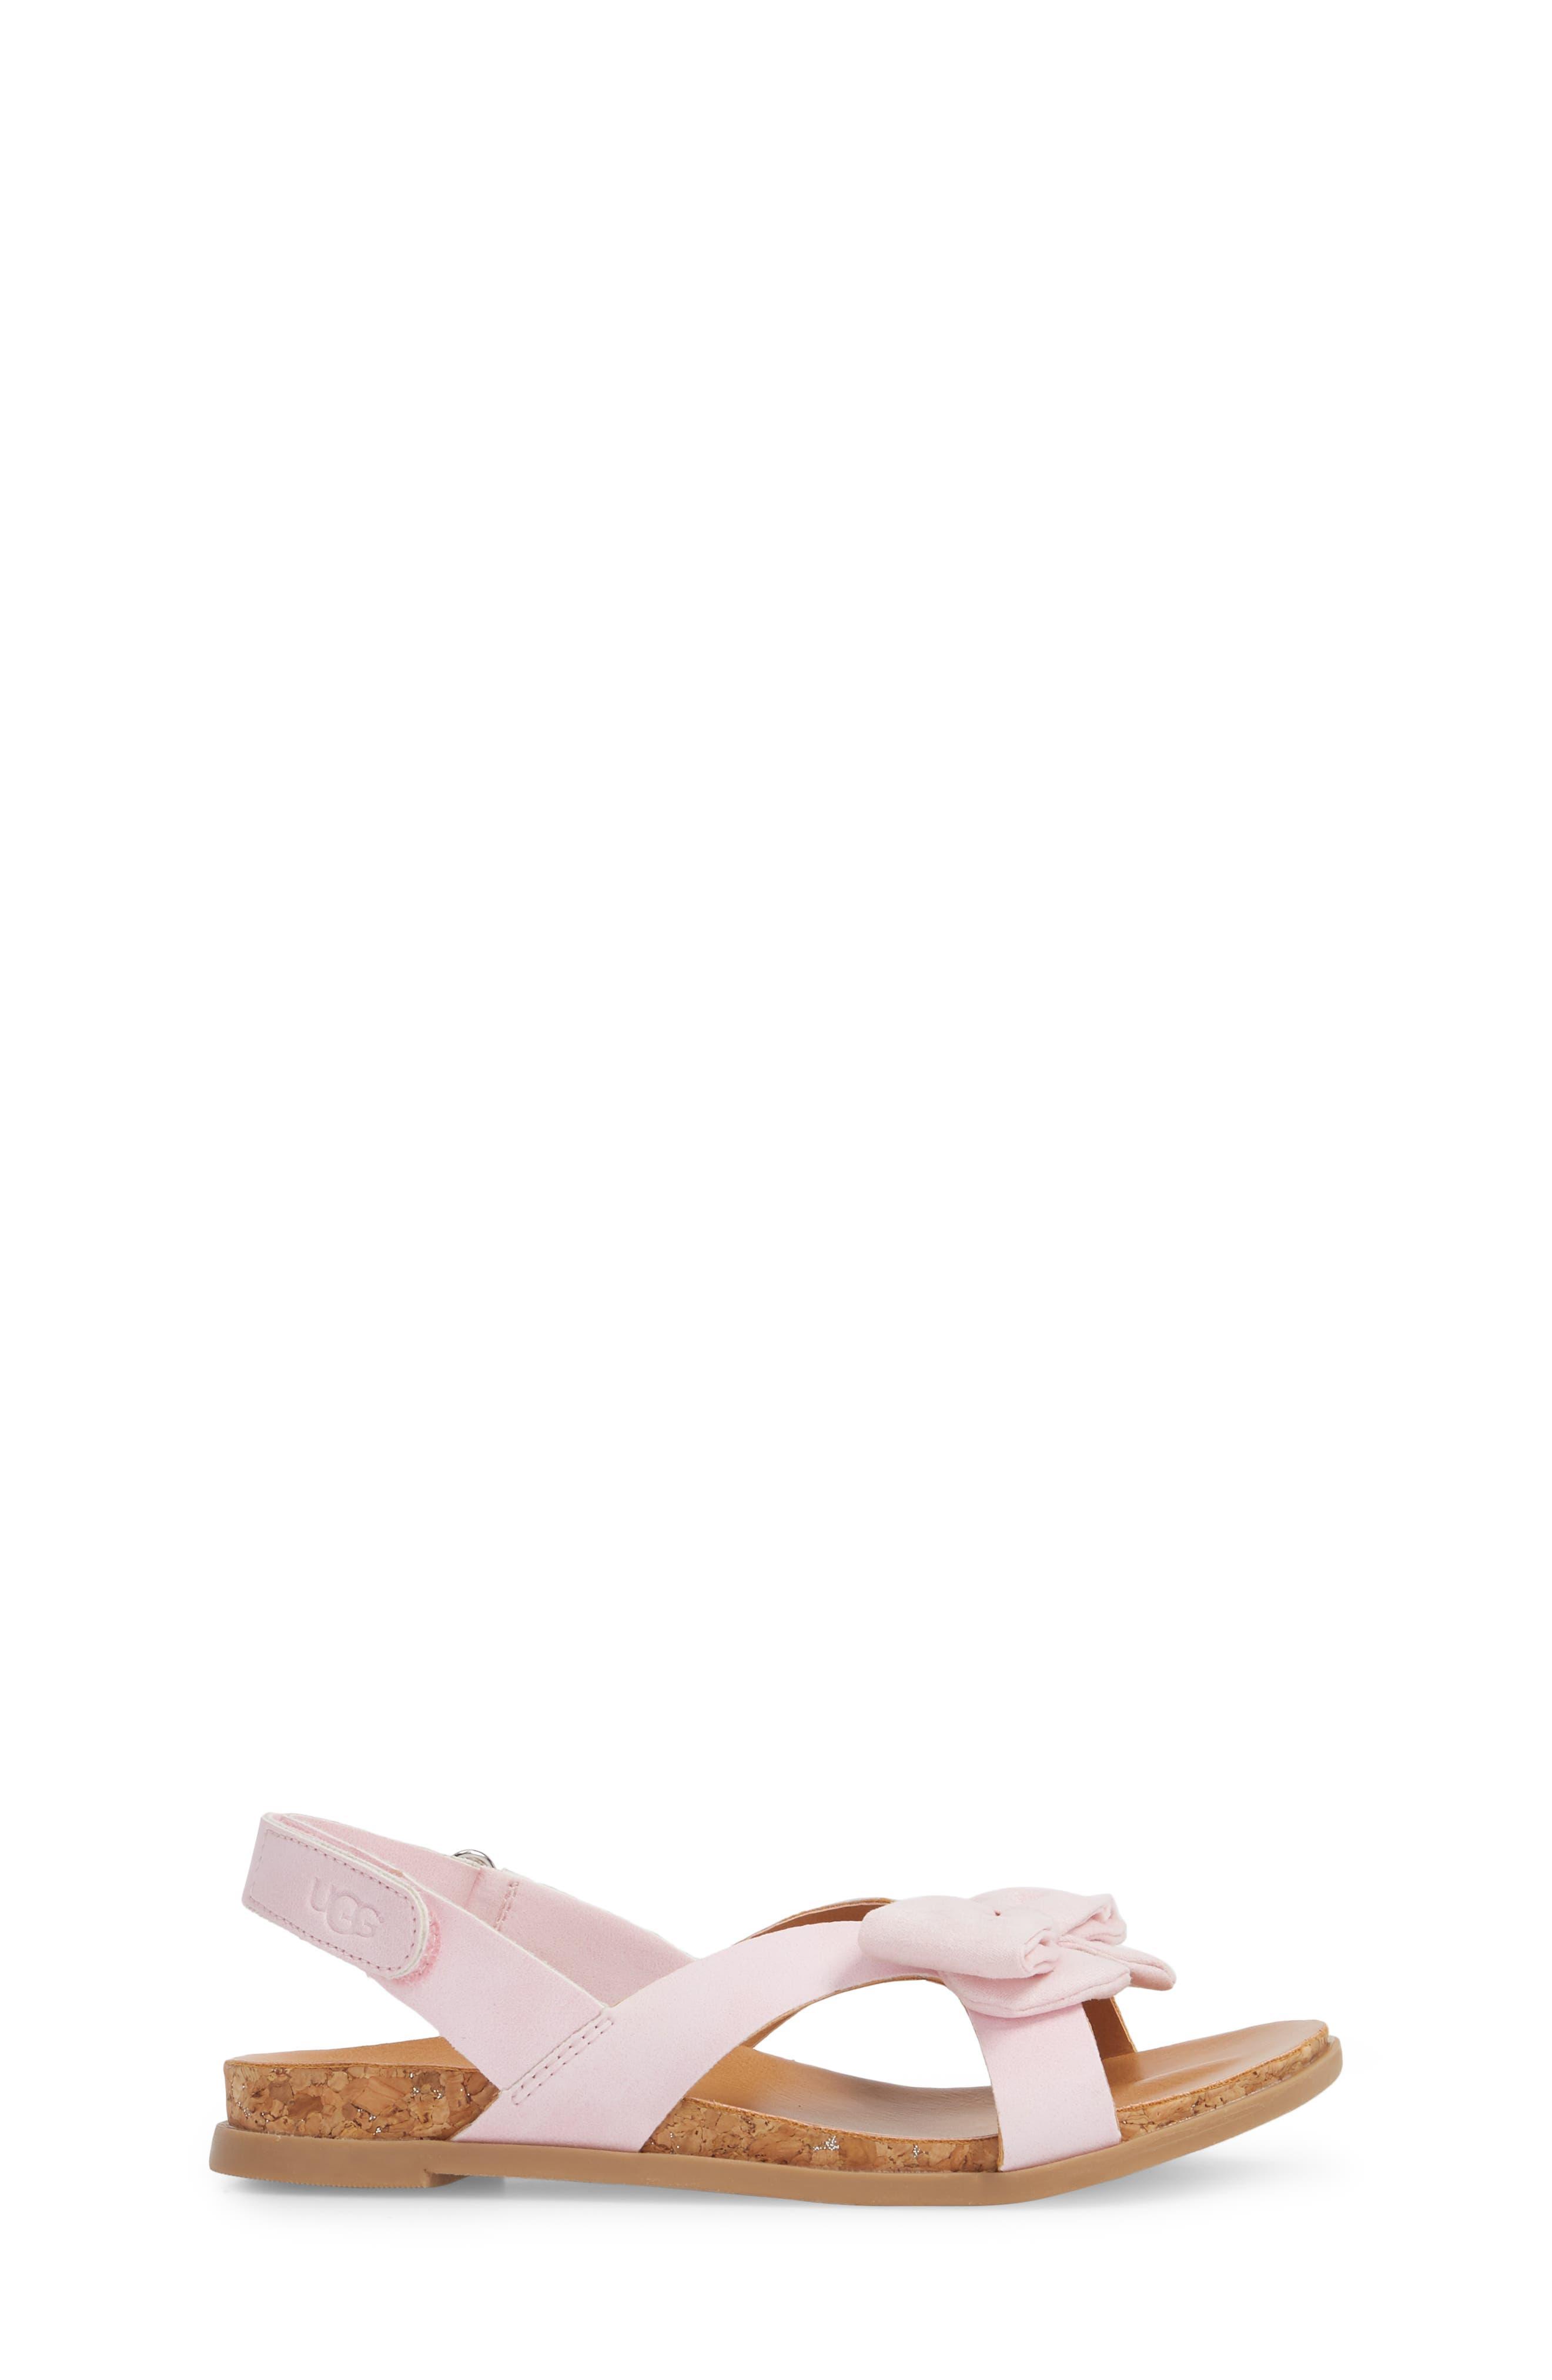 Fonda Sandal,                             Alternate thumbnail 3, color,                             Seashell Pink